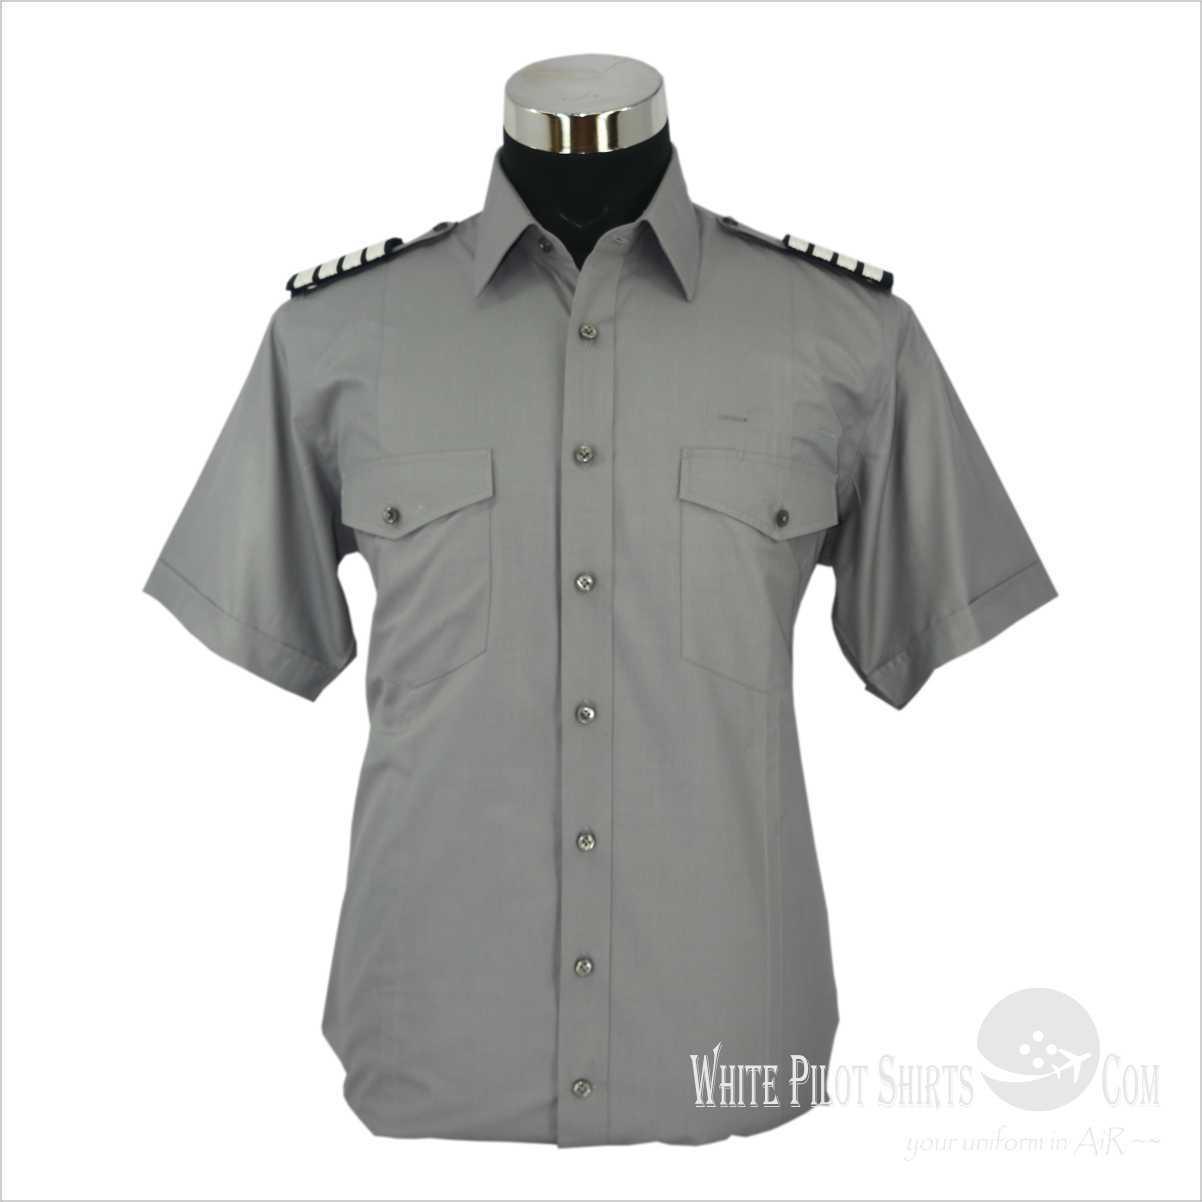 Grau Piloten Hemden Aviator Uniform Airmen Kleidung Sicherheit Luftfahrt Vorräte